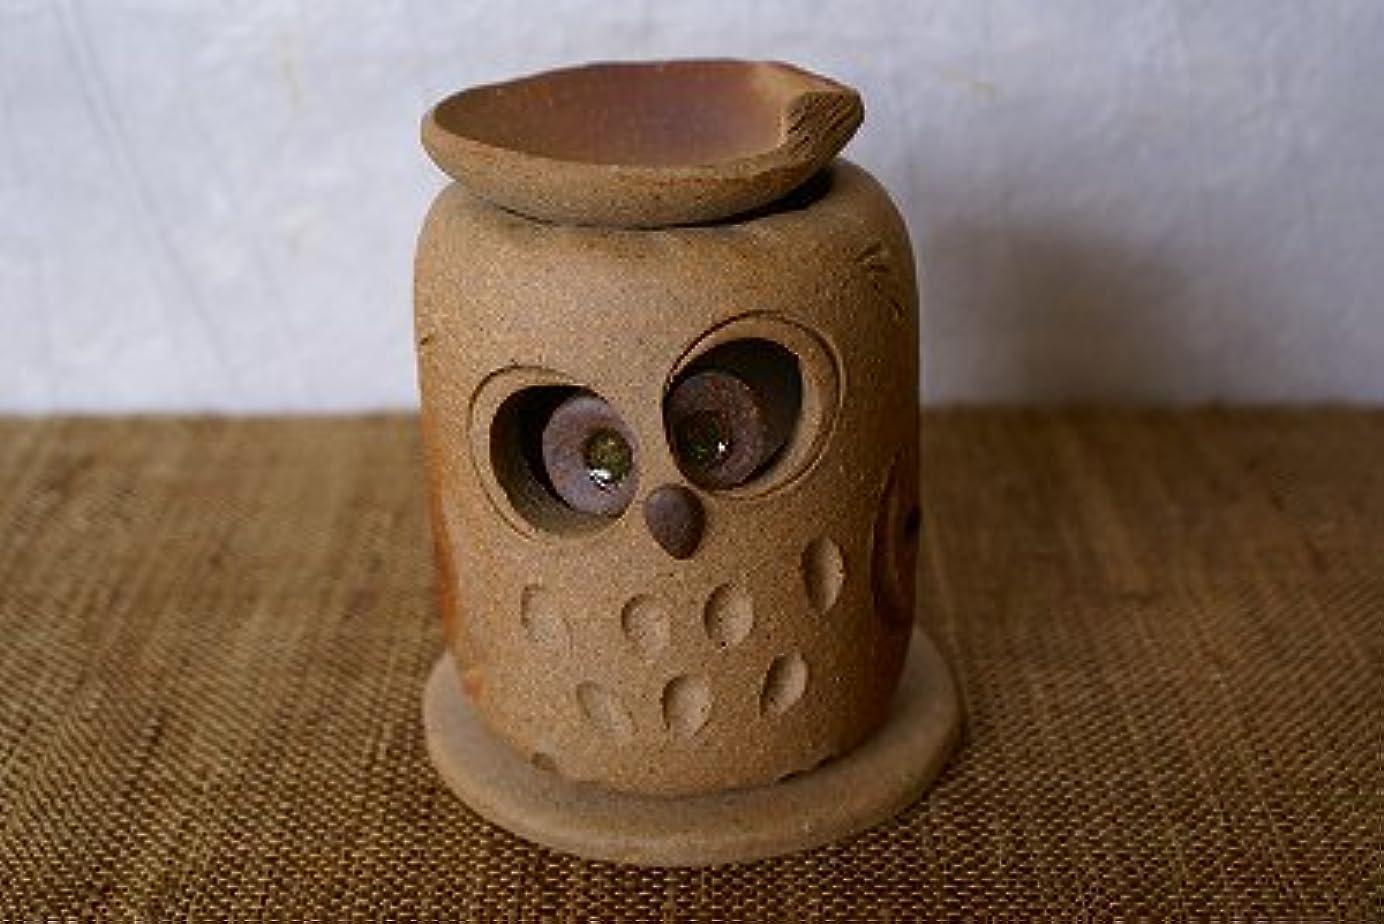 クルーズ強調するアイデア信楽焼 茶香炉 おすましふくろう サイズ:約直径8.5×9.5cm